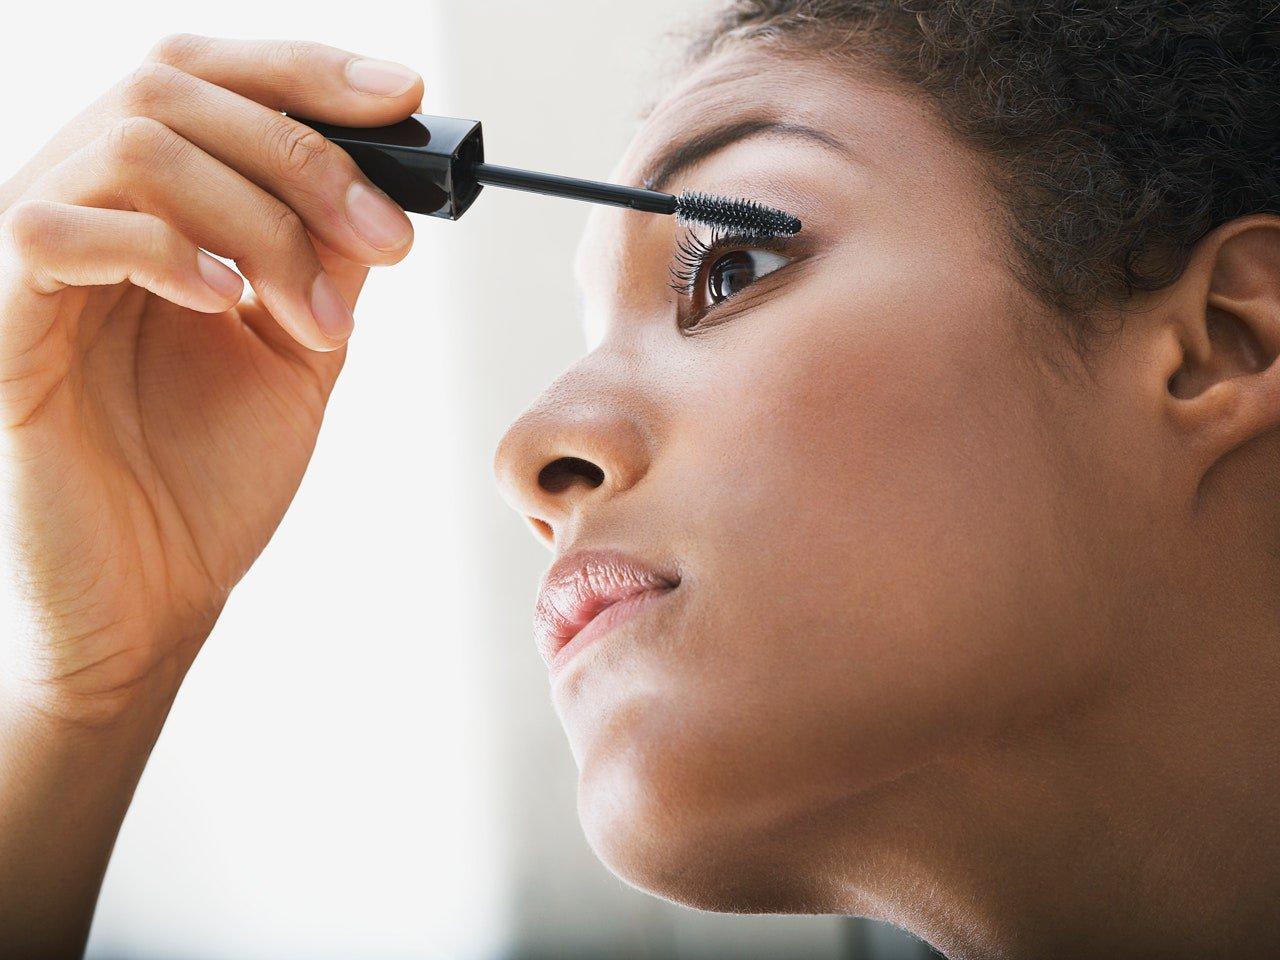 Using old eye makeup